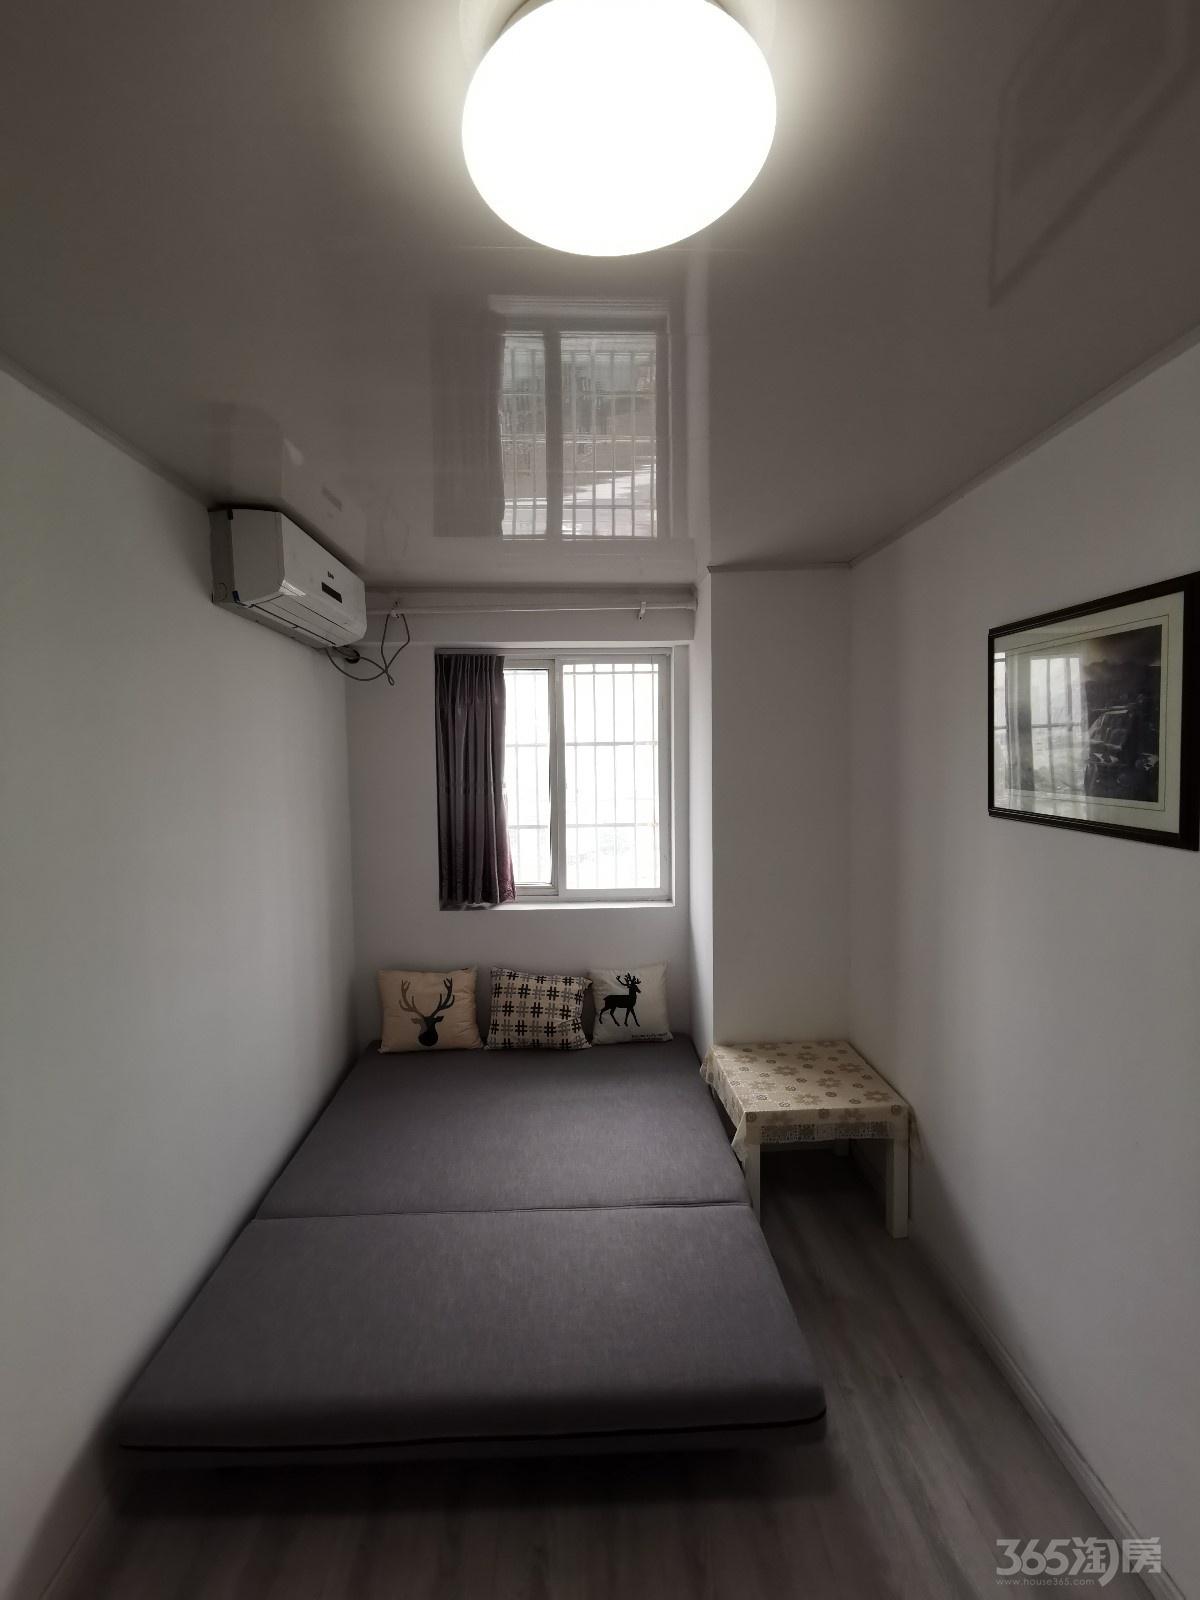 秦淮区瑞金路达美广场2室0厅户型图